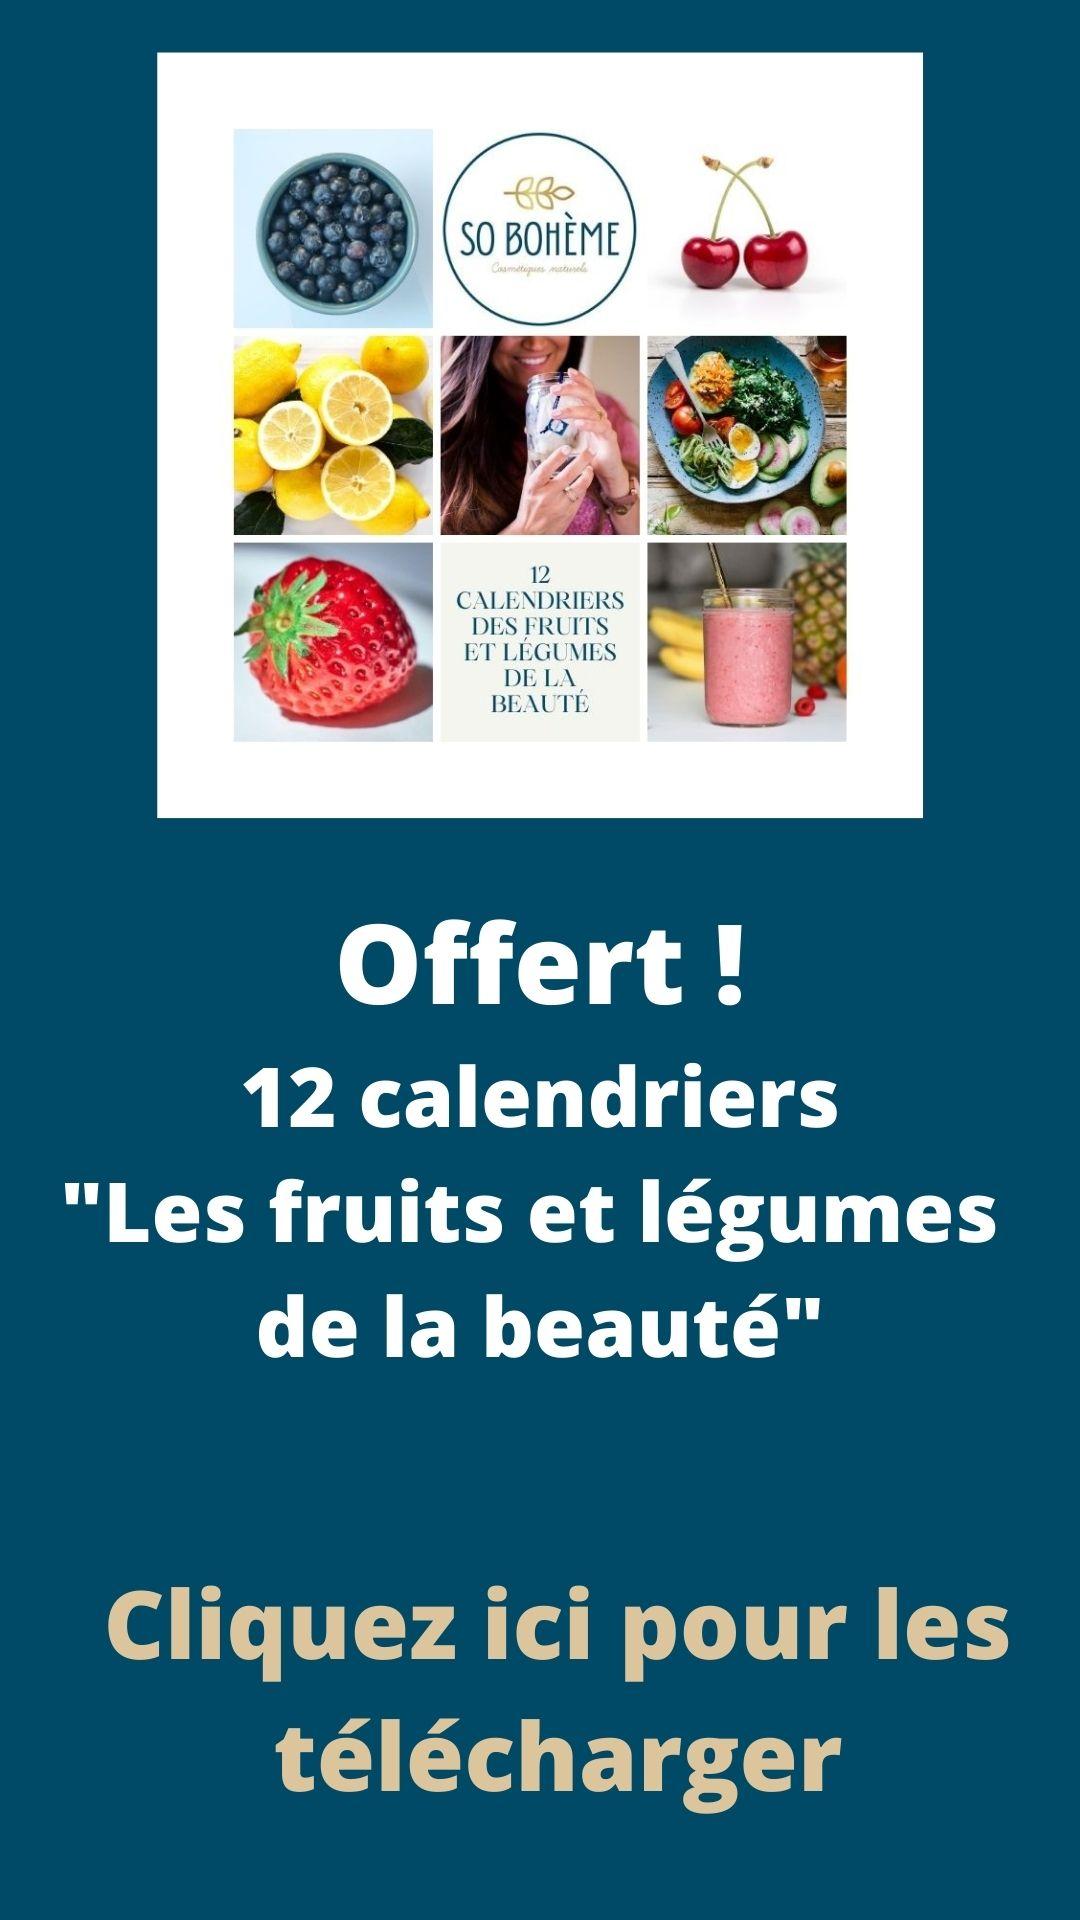 Offert ! 12 calendriers Les fruits et légumes de la beauté